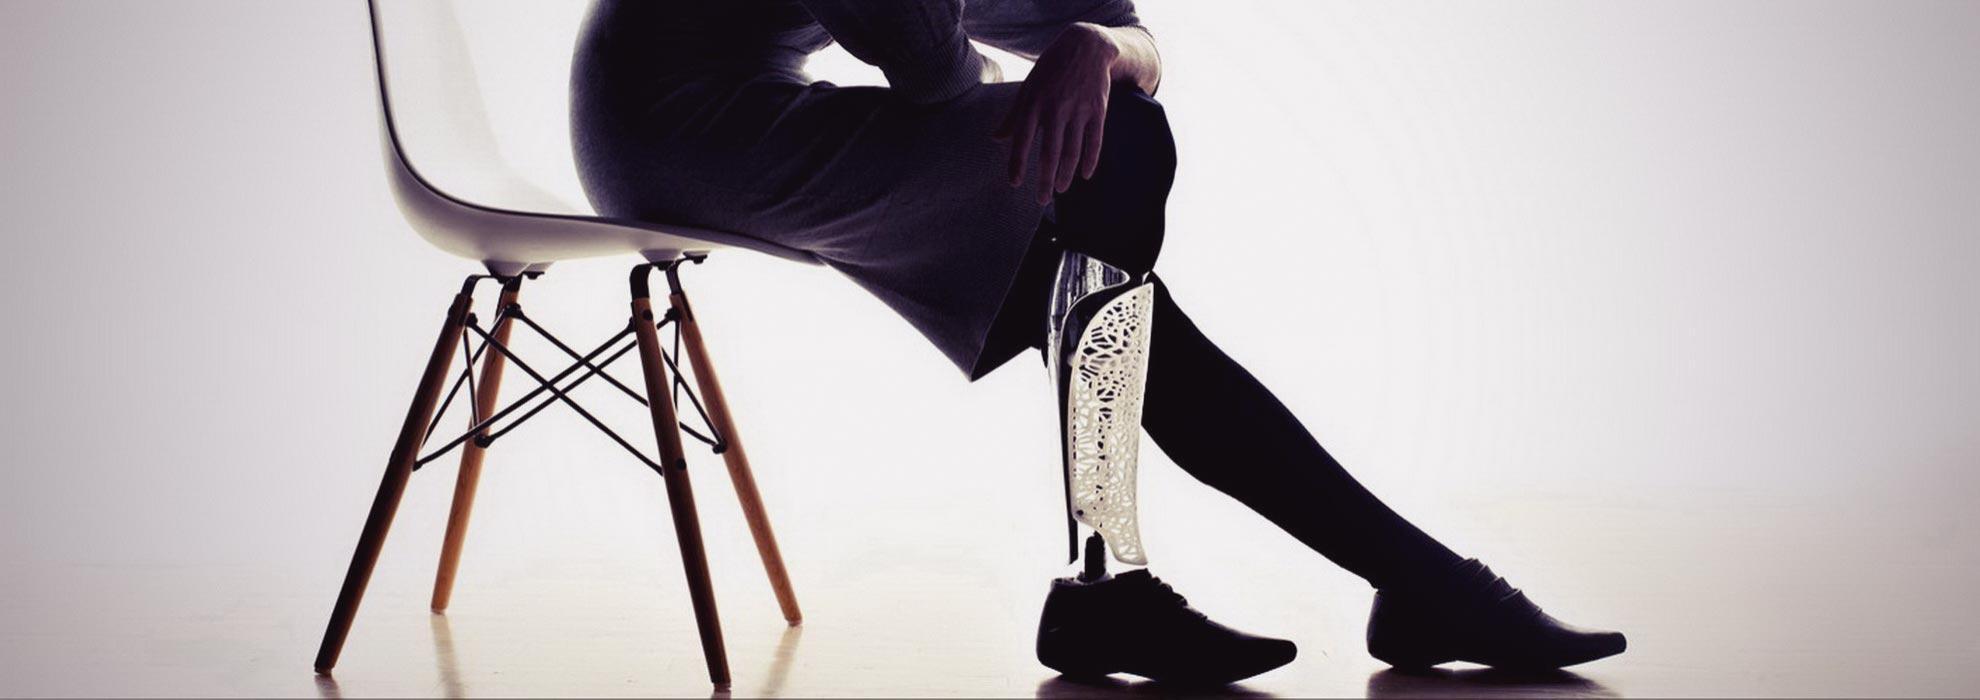 Стильный дизайнерский протез ноги напечатанный на 3Д принтере